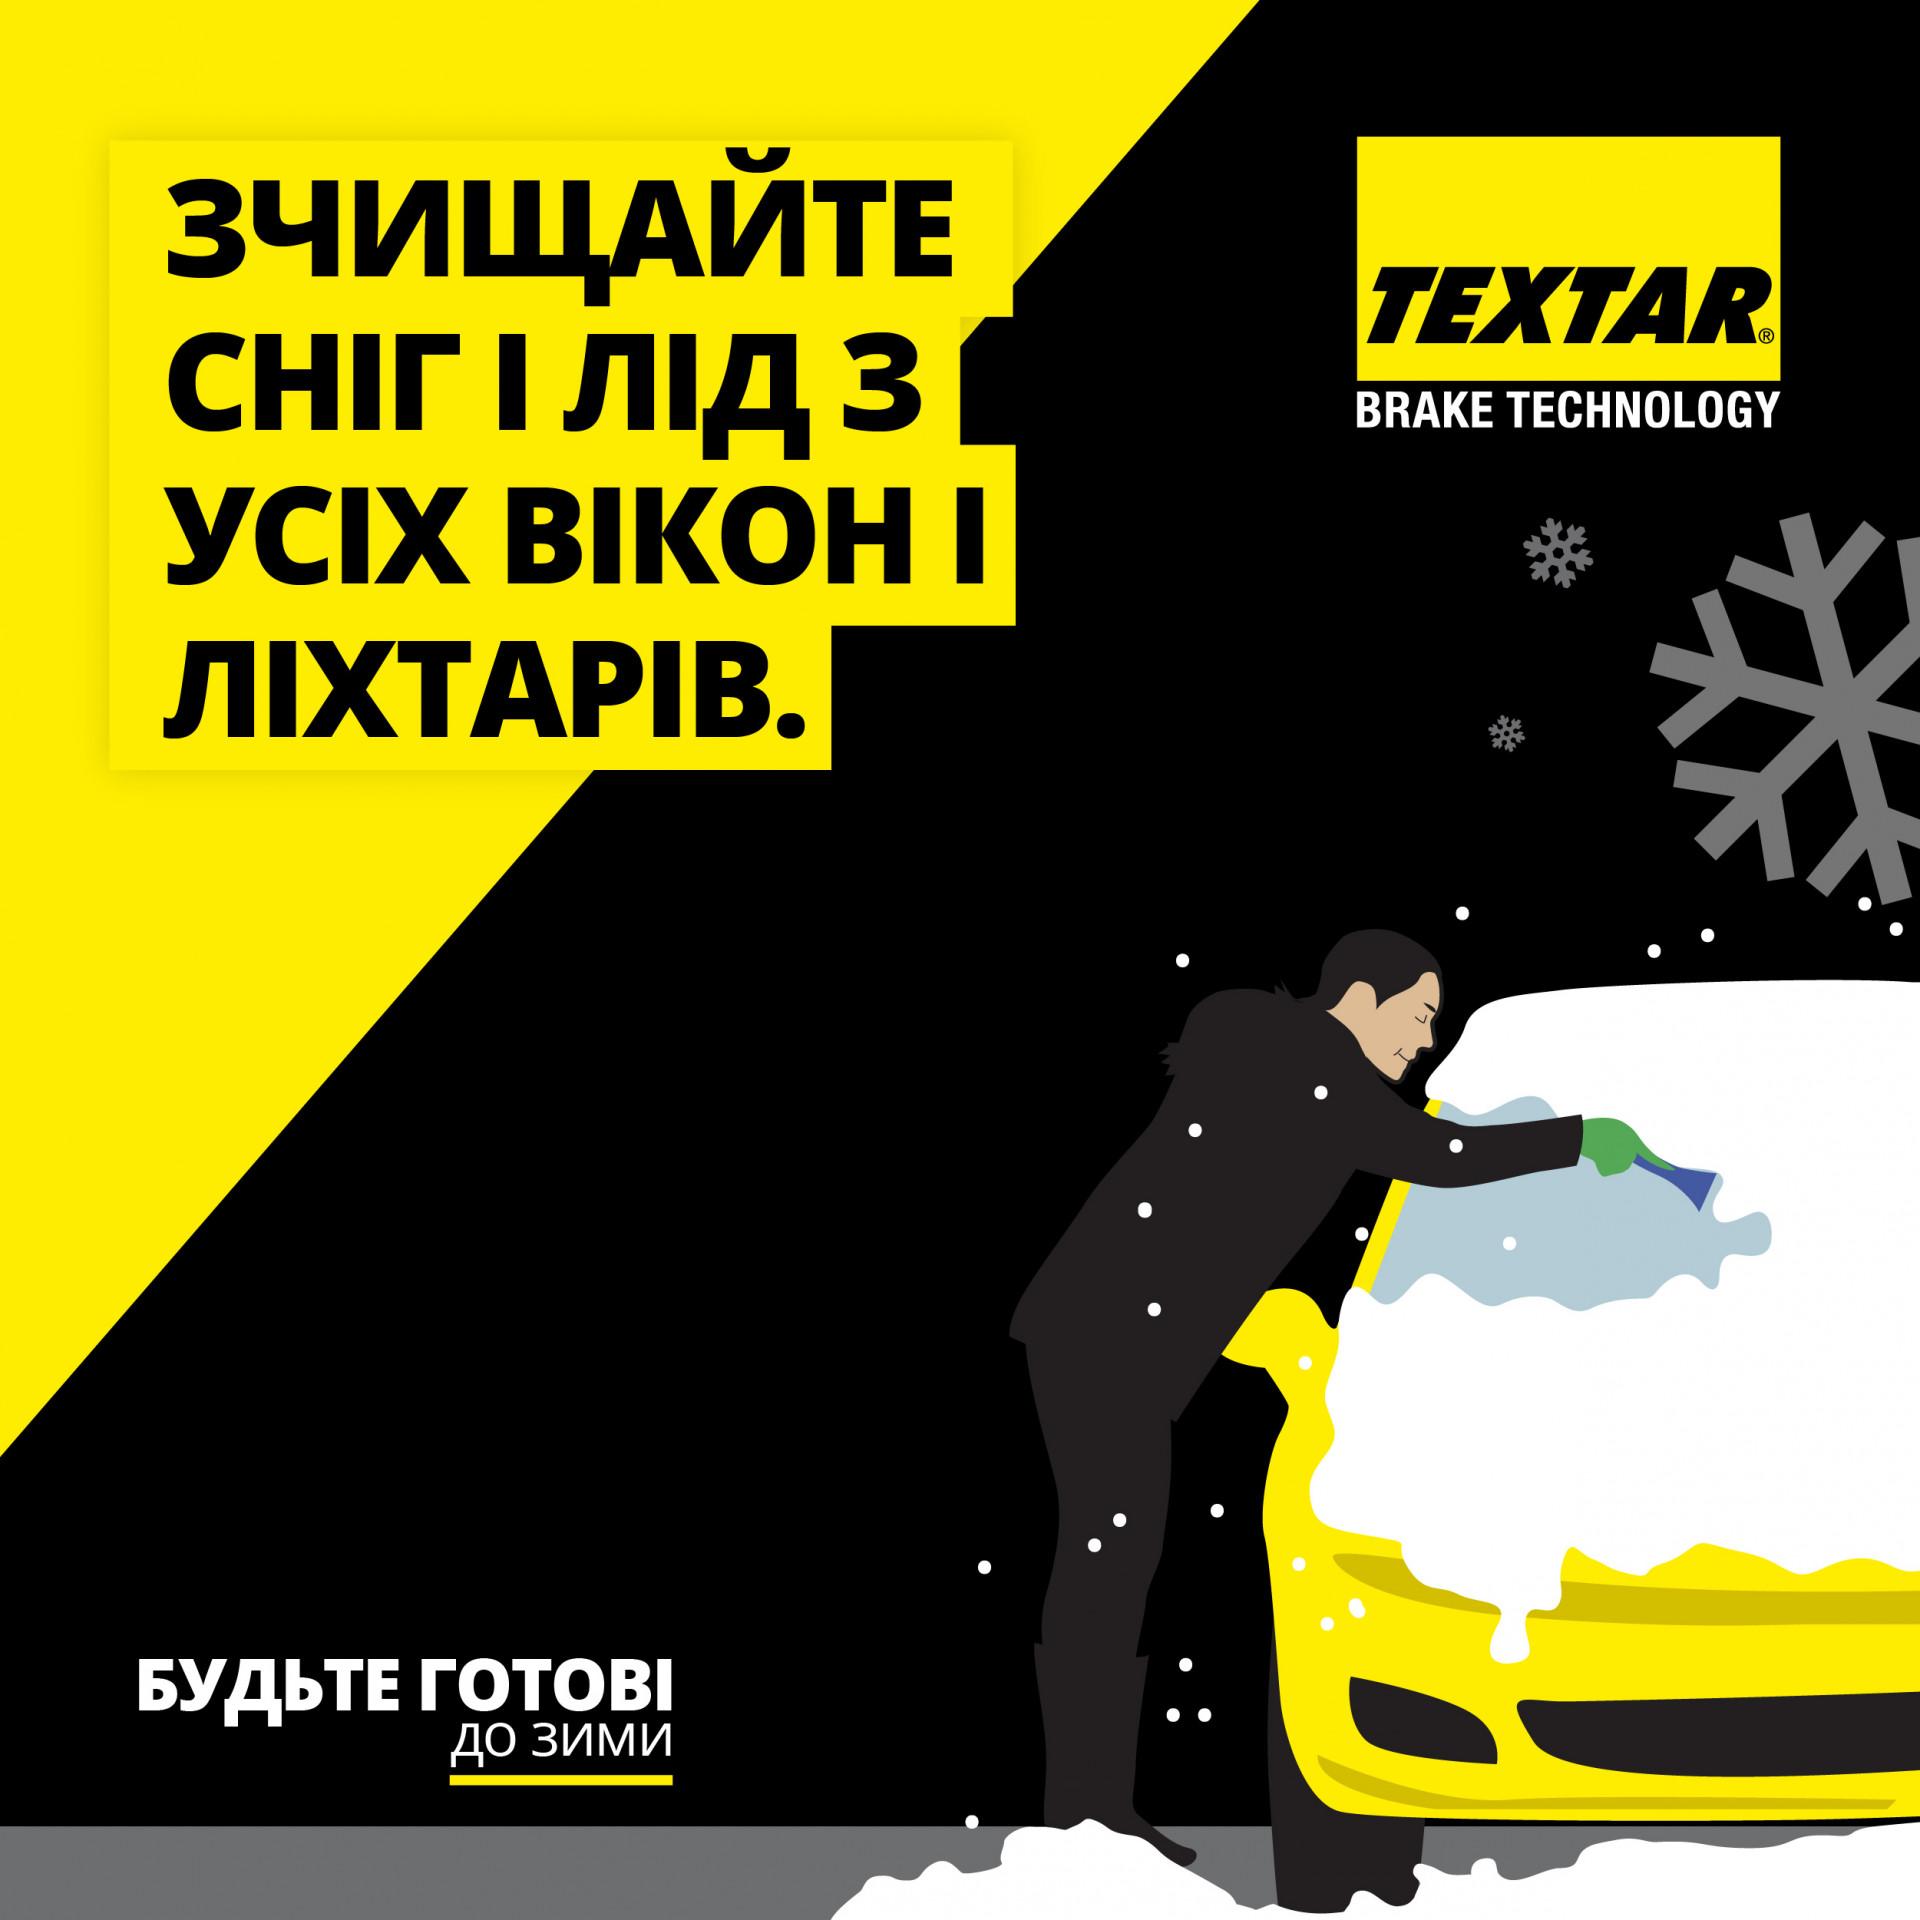 Textar Winter Tips (alt Univers) Ukranian-10.jpg